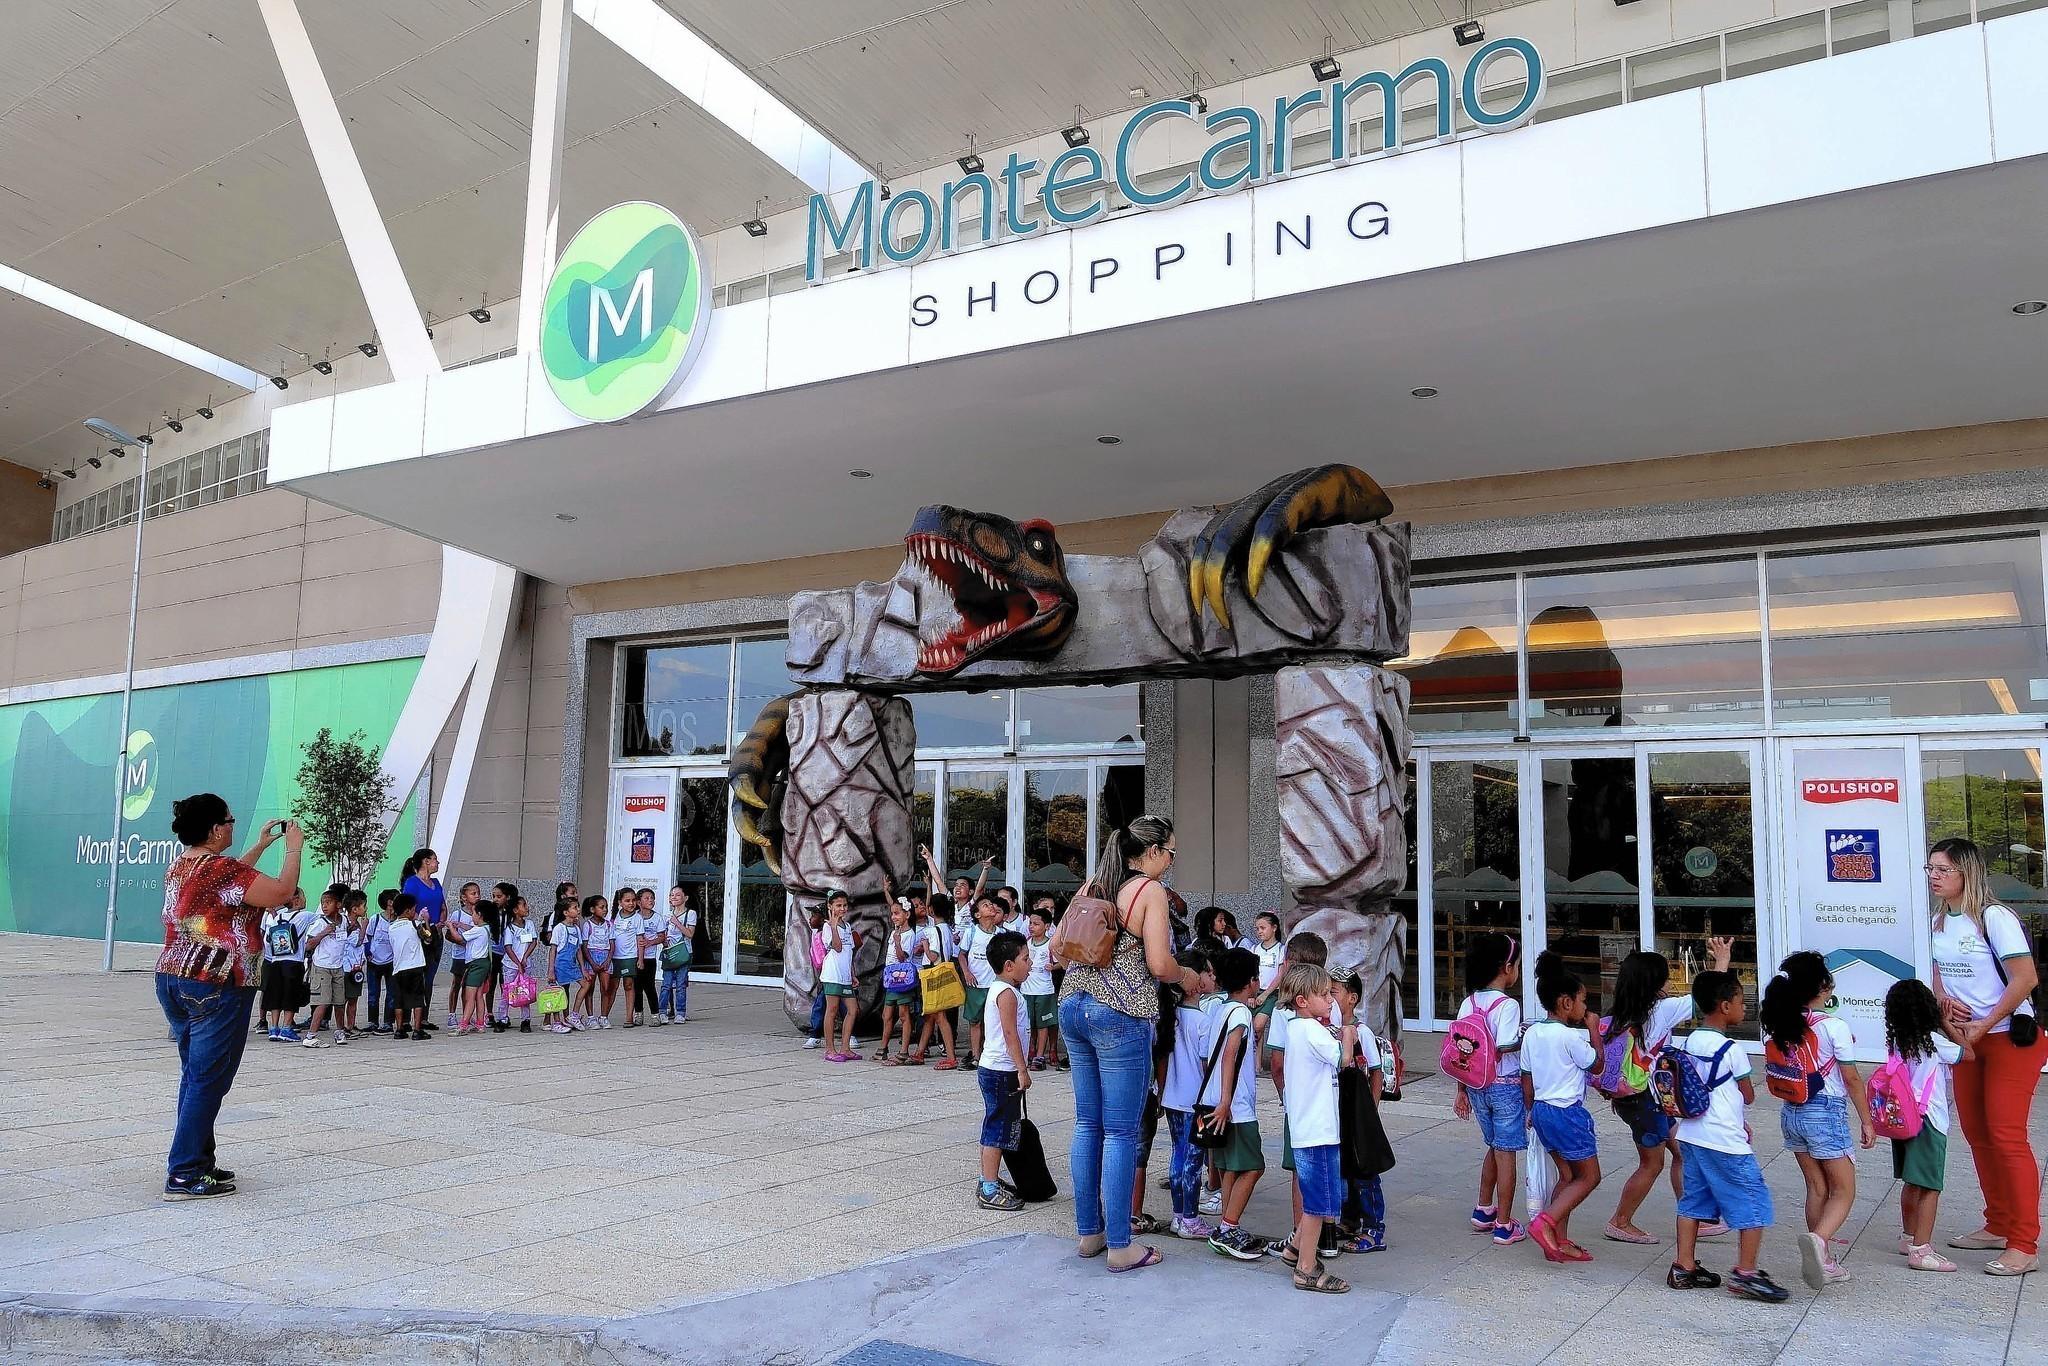 Huge shopping malls change landscape of Brazil